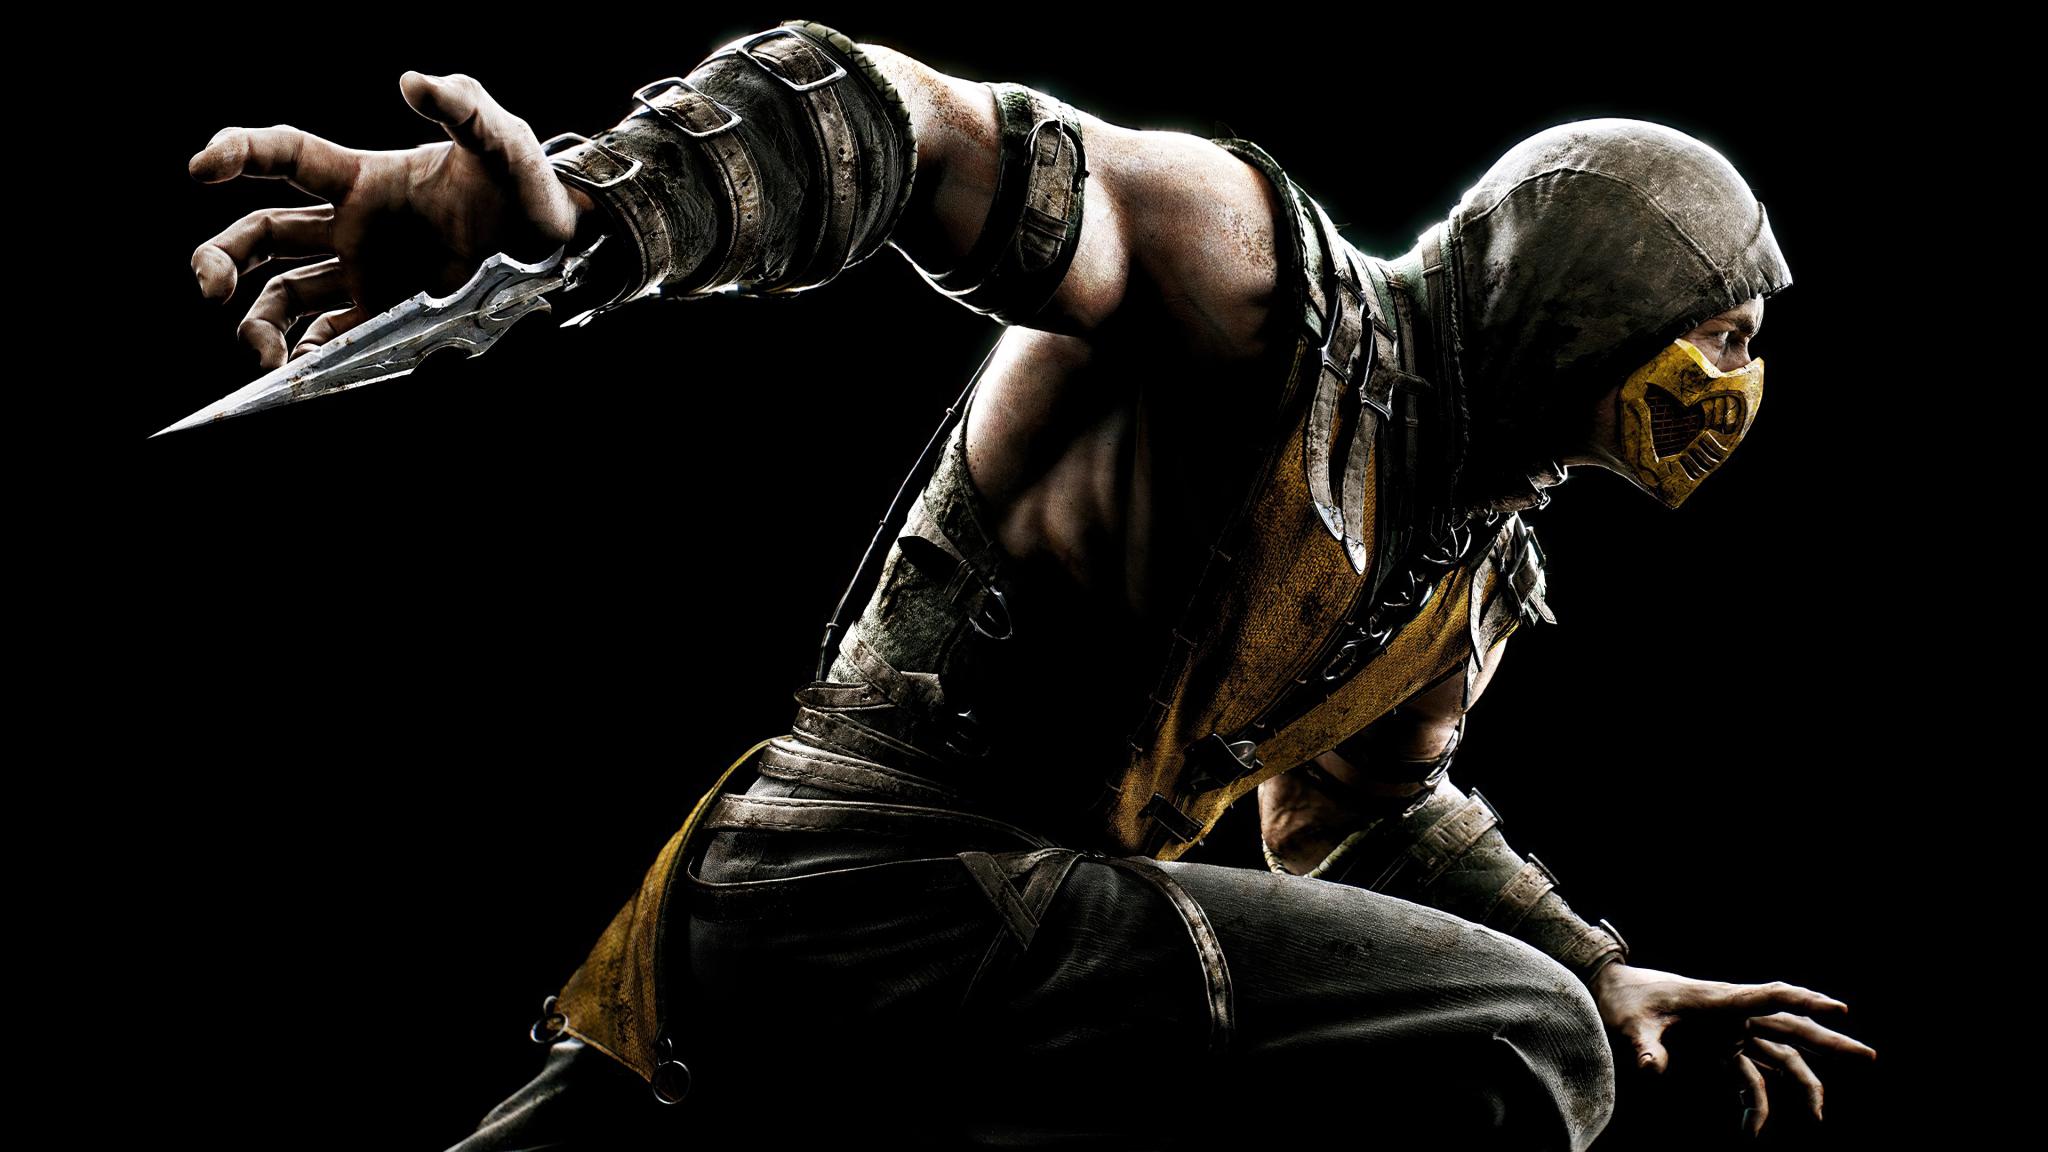 2048x1152 4K Scorpion Mortal Kombat 11 2048x1152 ...